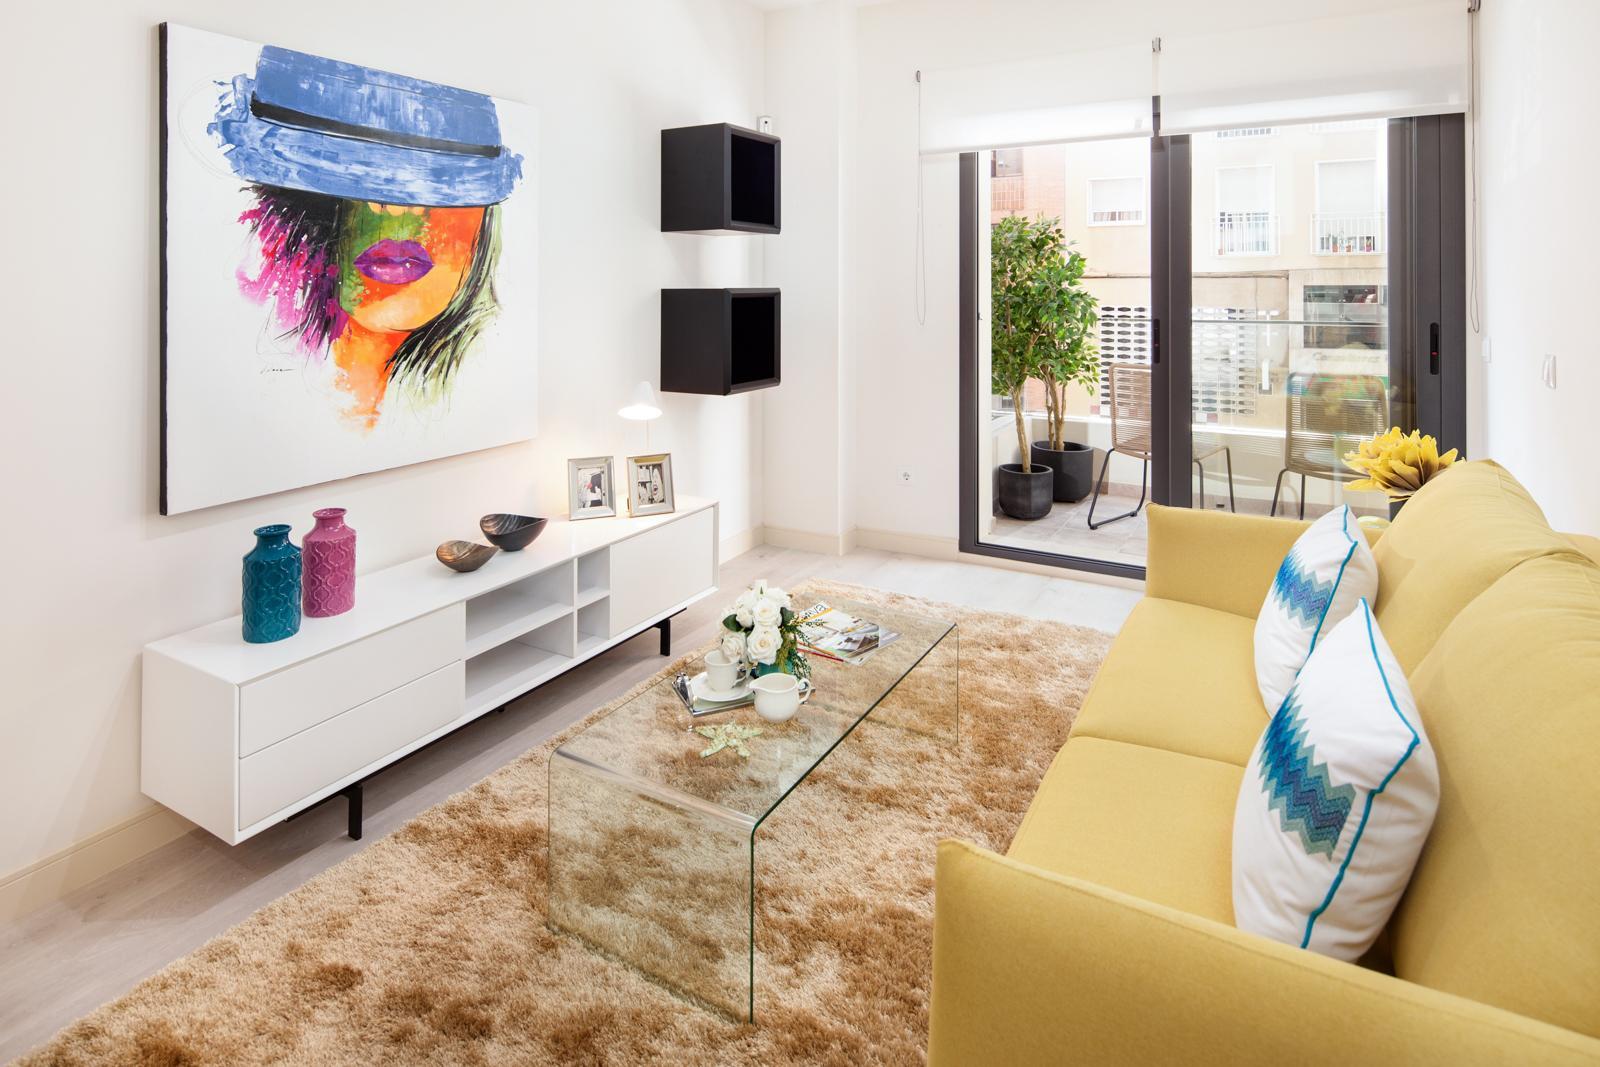 Decorar un piso moderno affordable martimo tu casa bonita - Decorar piso pequeno moderno ...